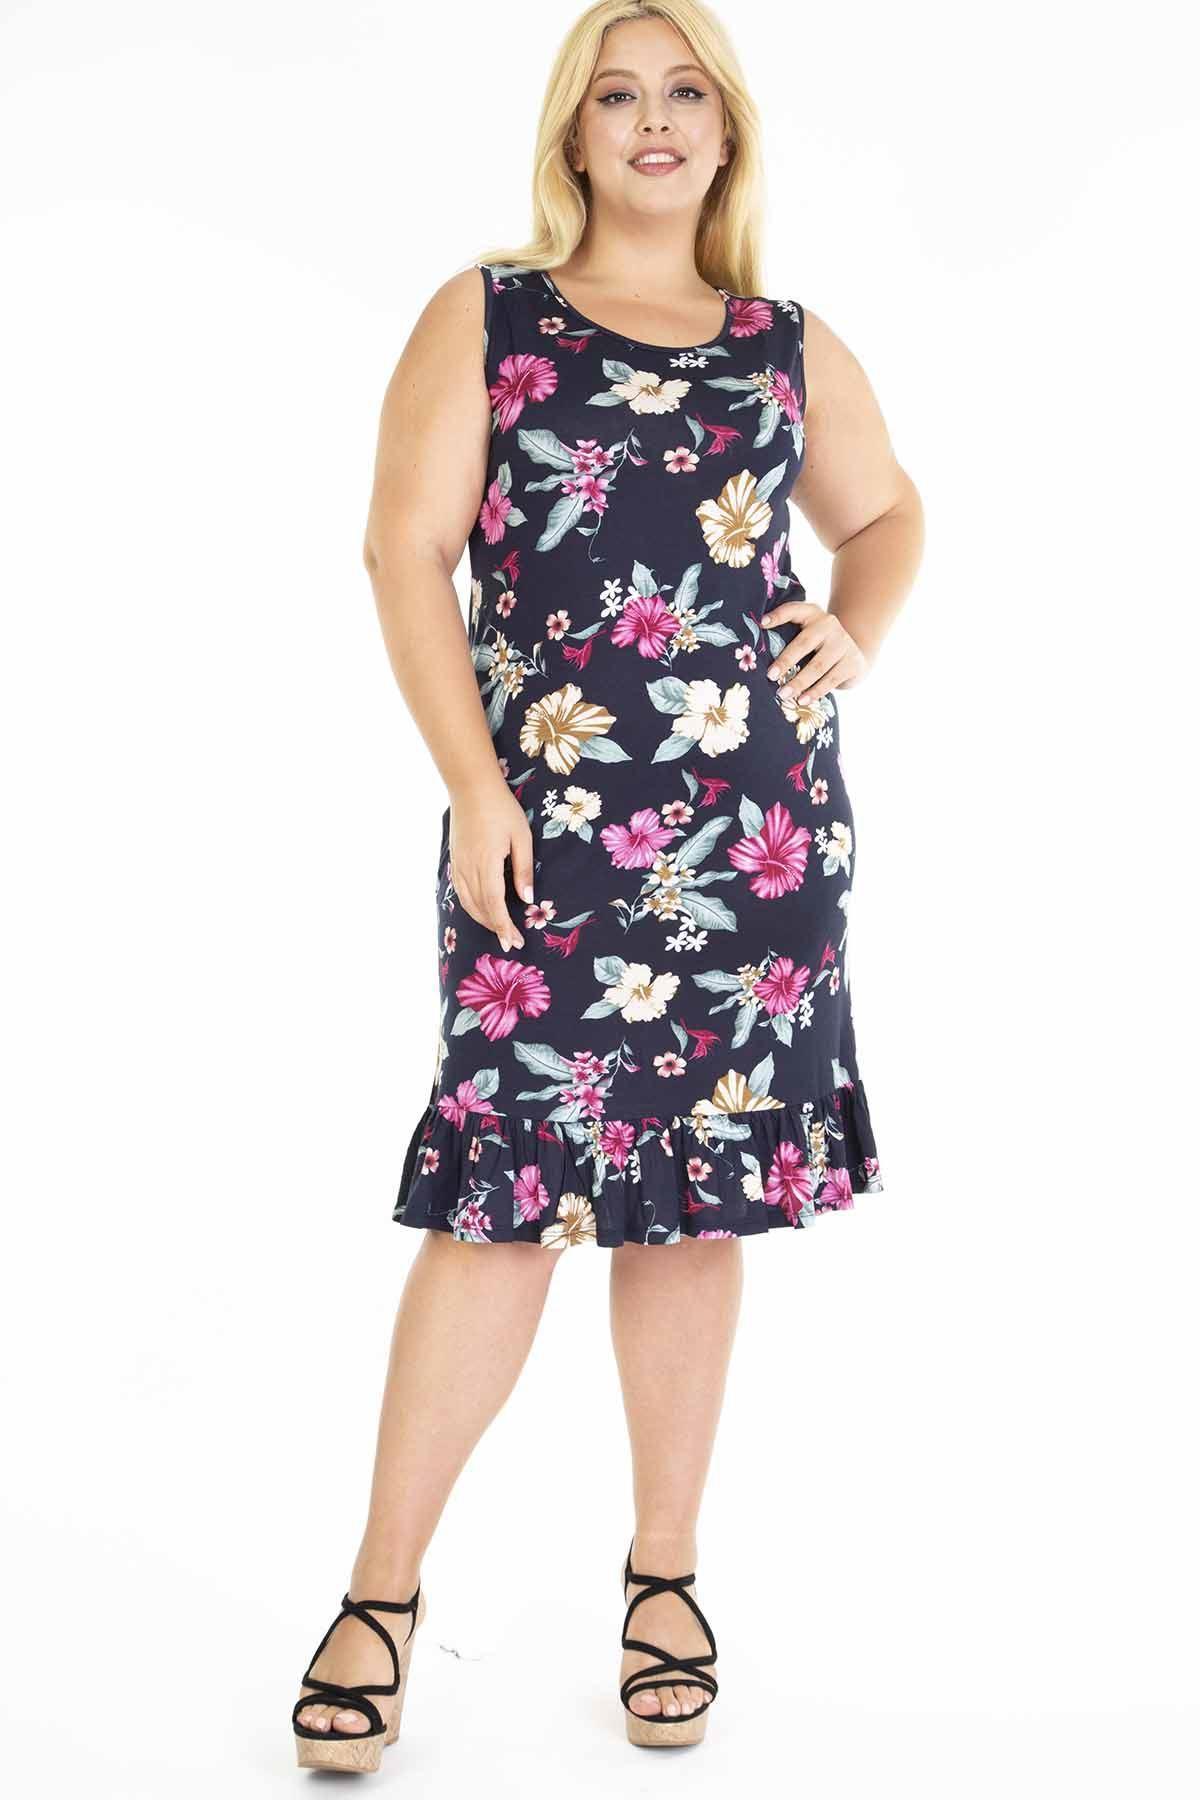 Lacivert Eteği Fırfırlı Askılı Büyük Beden Elbise 14E-1199